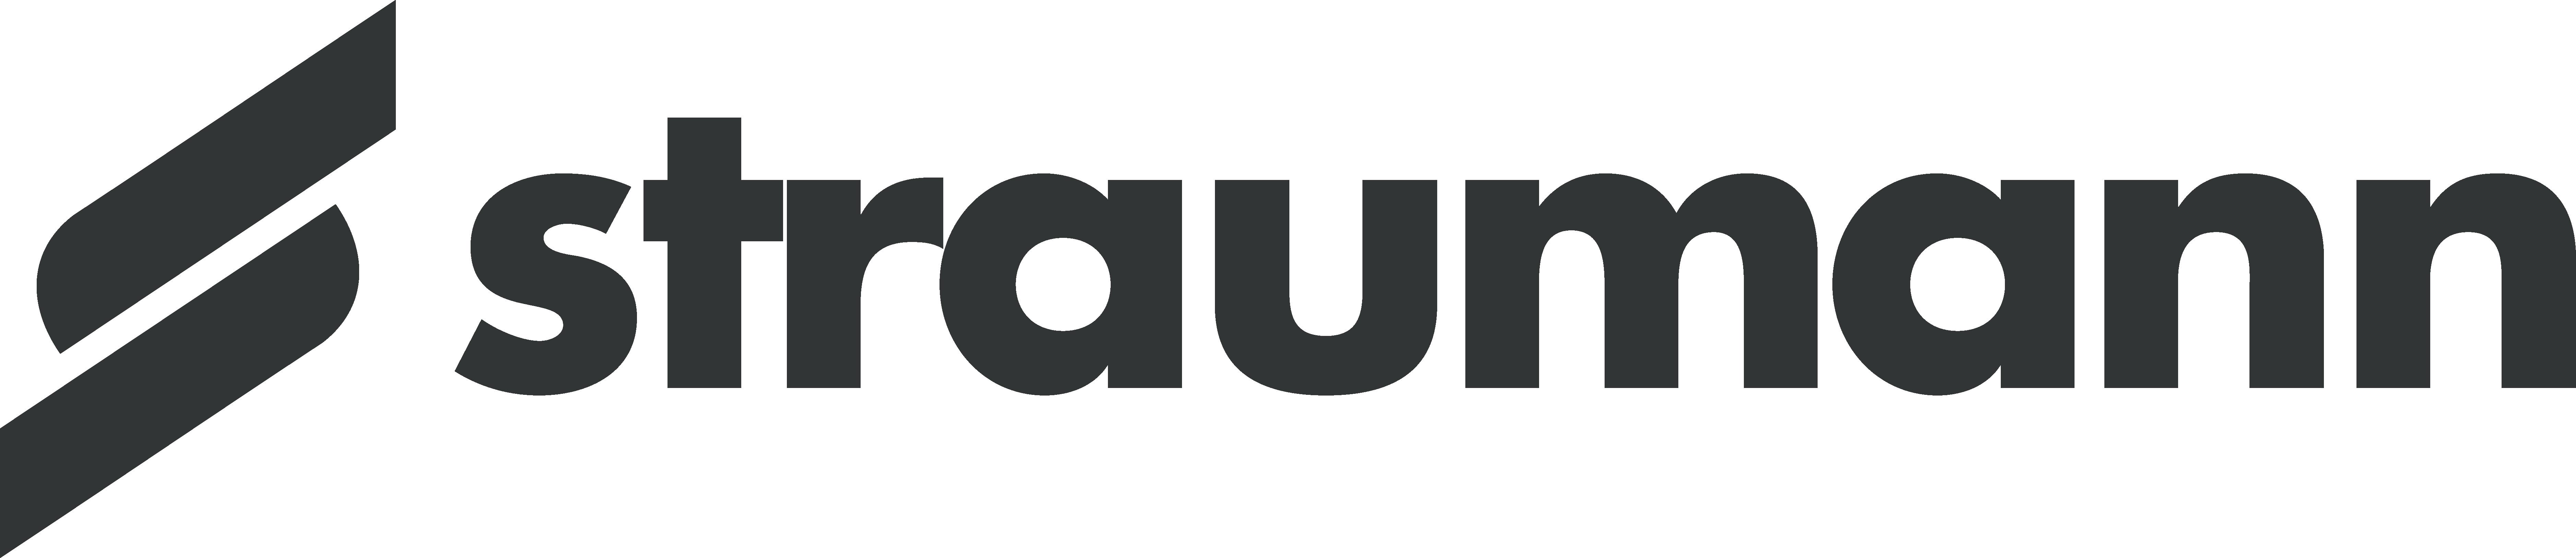 Das Logo von Straumann.